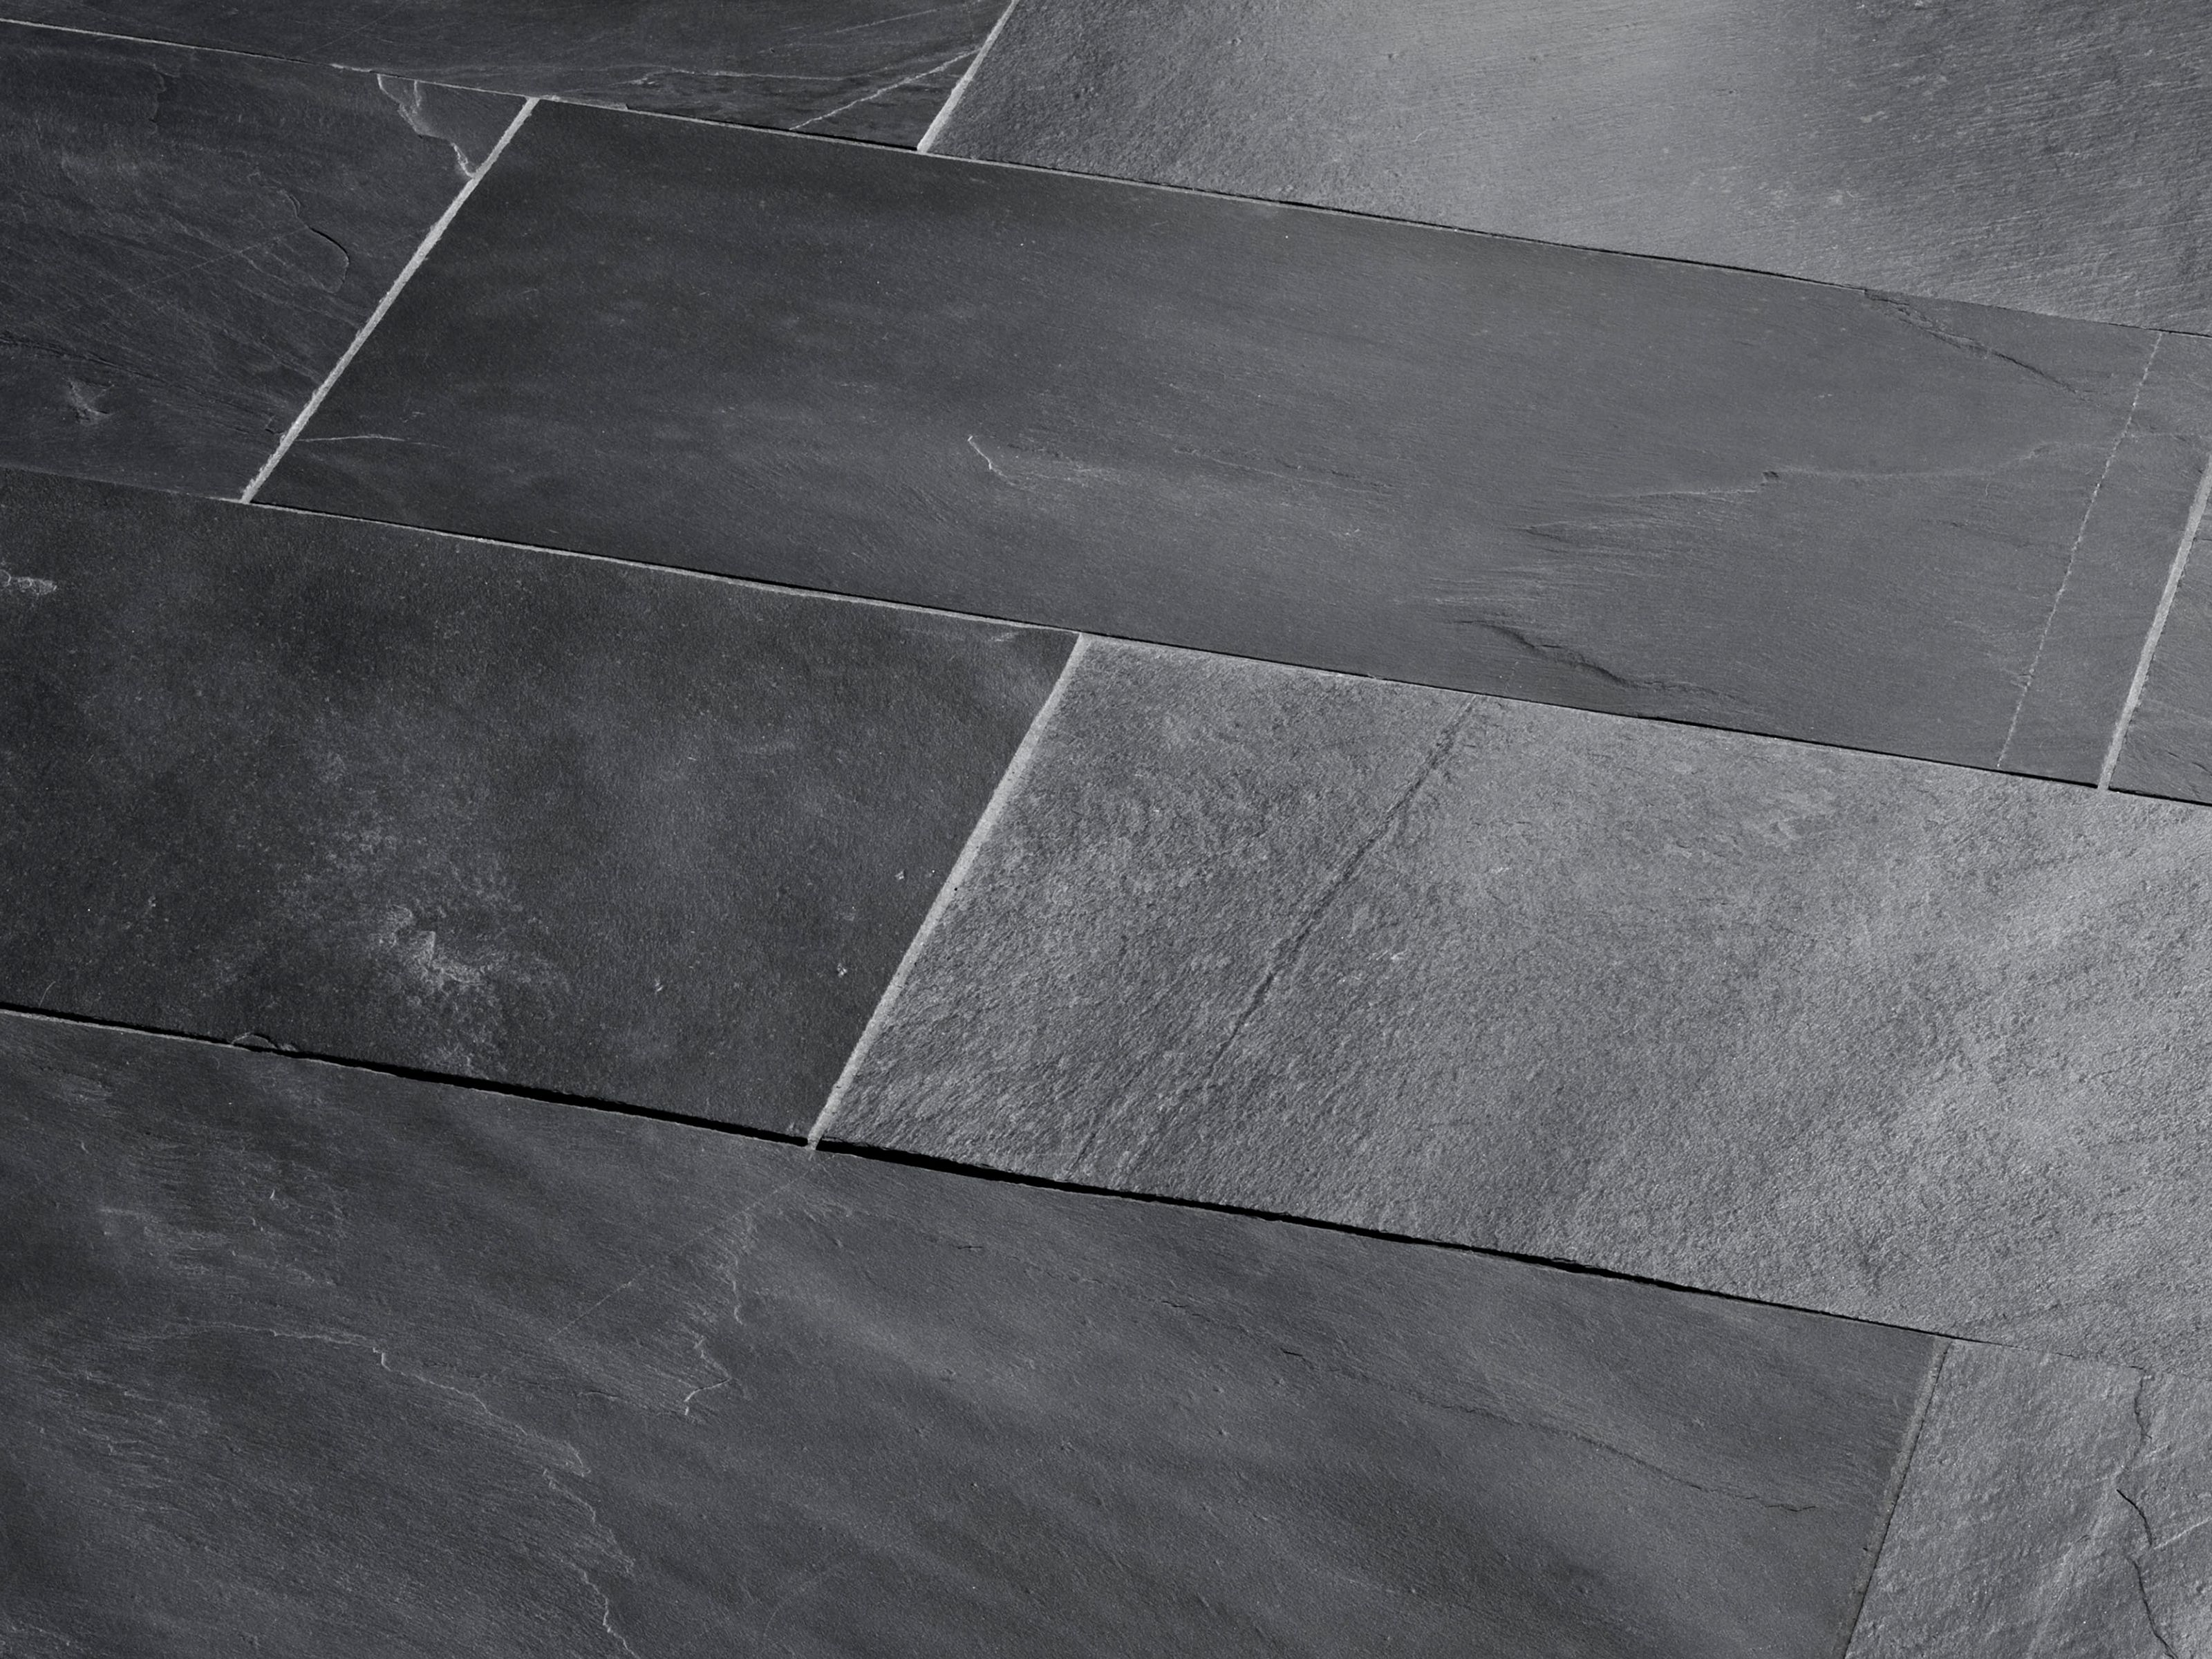 Schieferfliesen Black Rustic, naturgespalten | Home - Floor & Wall ...